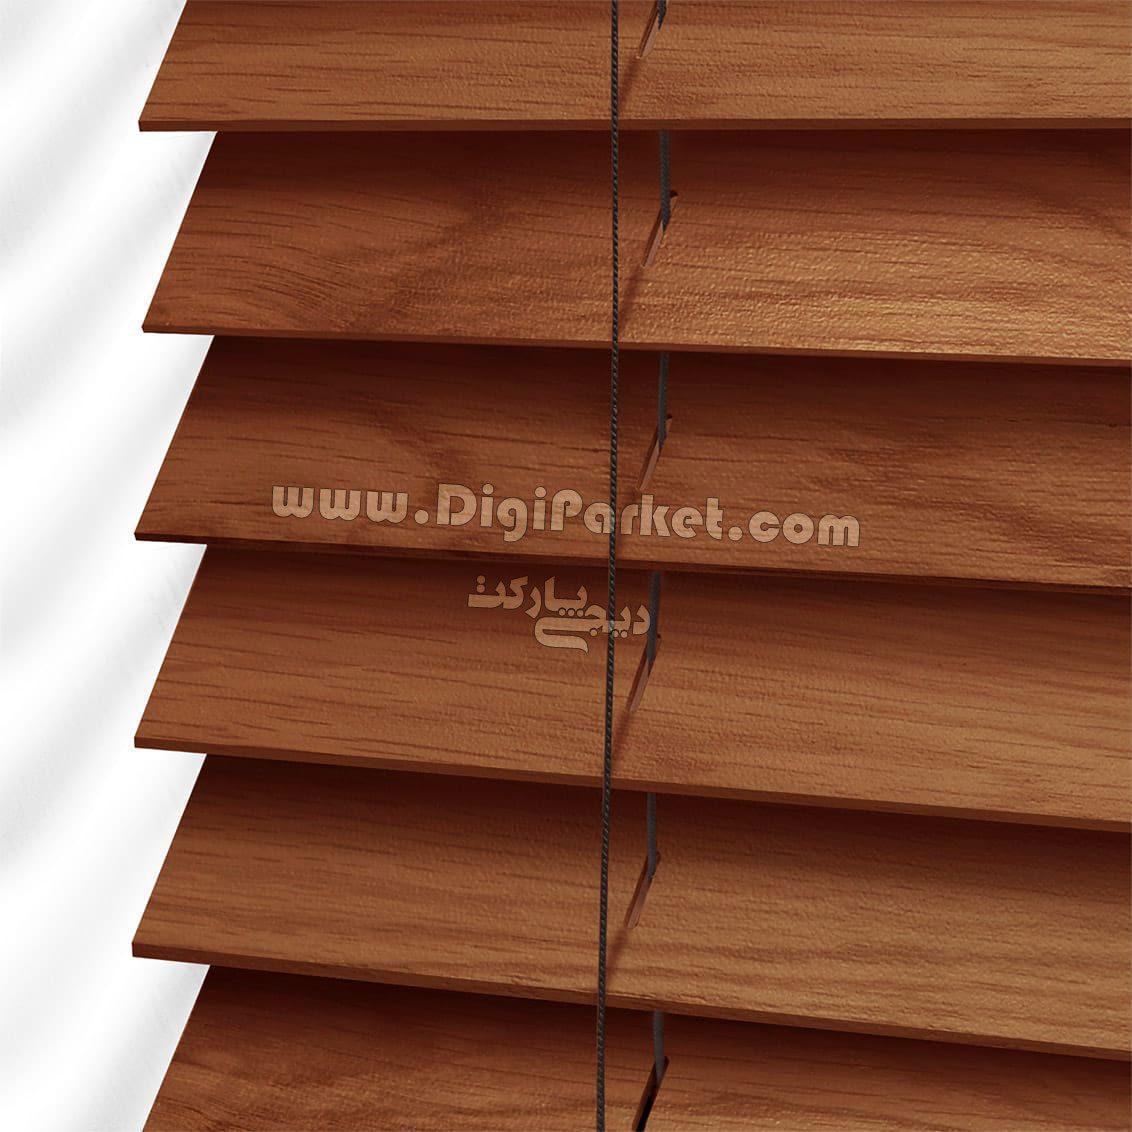 پرده کرکره چوبی قرمز رنگ  خوش سایه